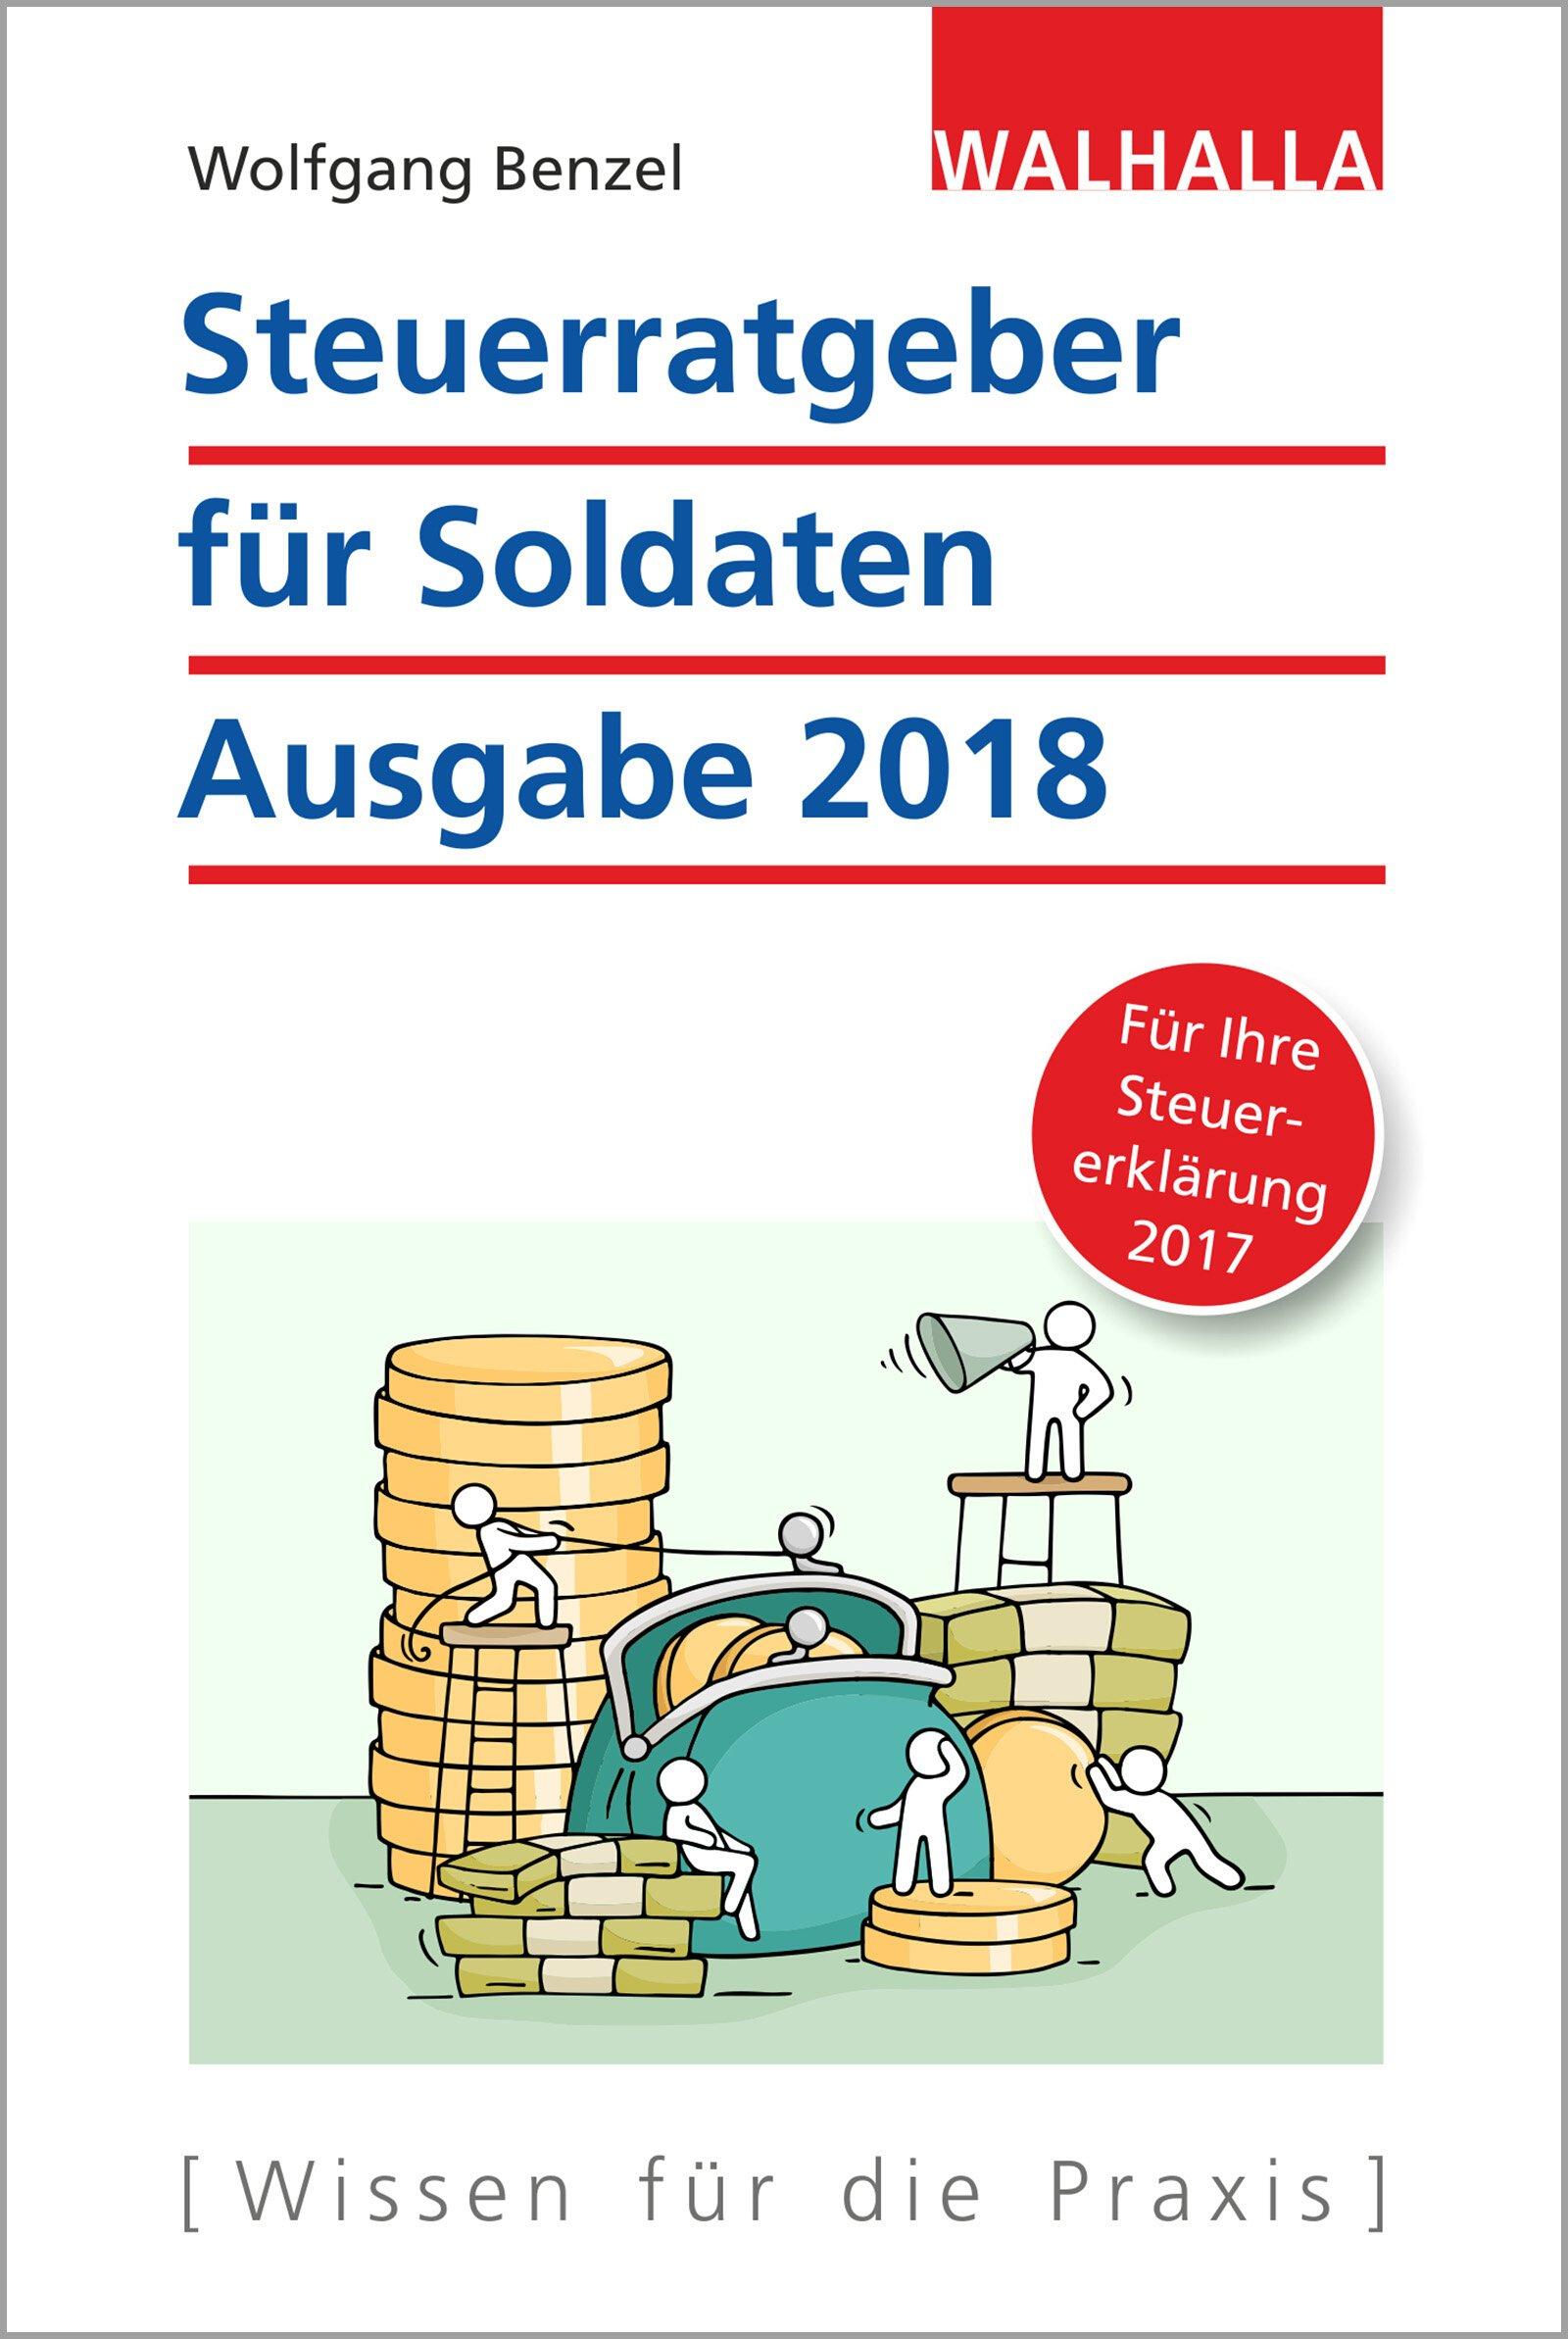 Steuerratgeber für Soldaten: Ausgabe 2018 - Für Ihre Steuererklärung 2017; Walhalla Rechtshilfen